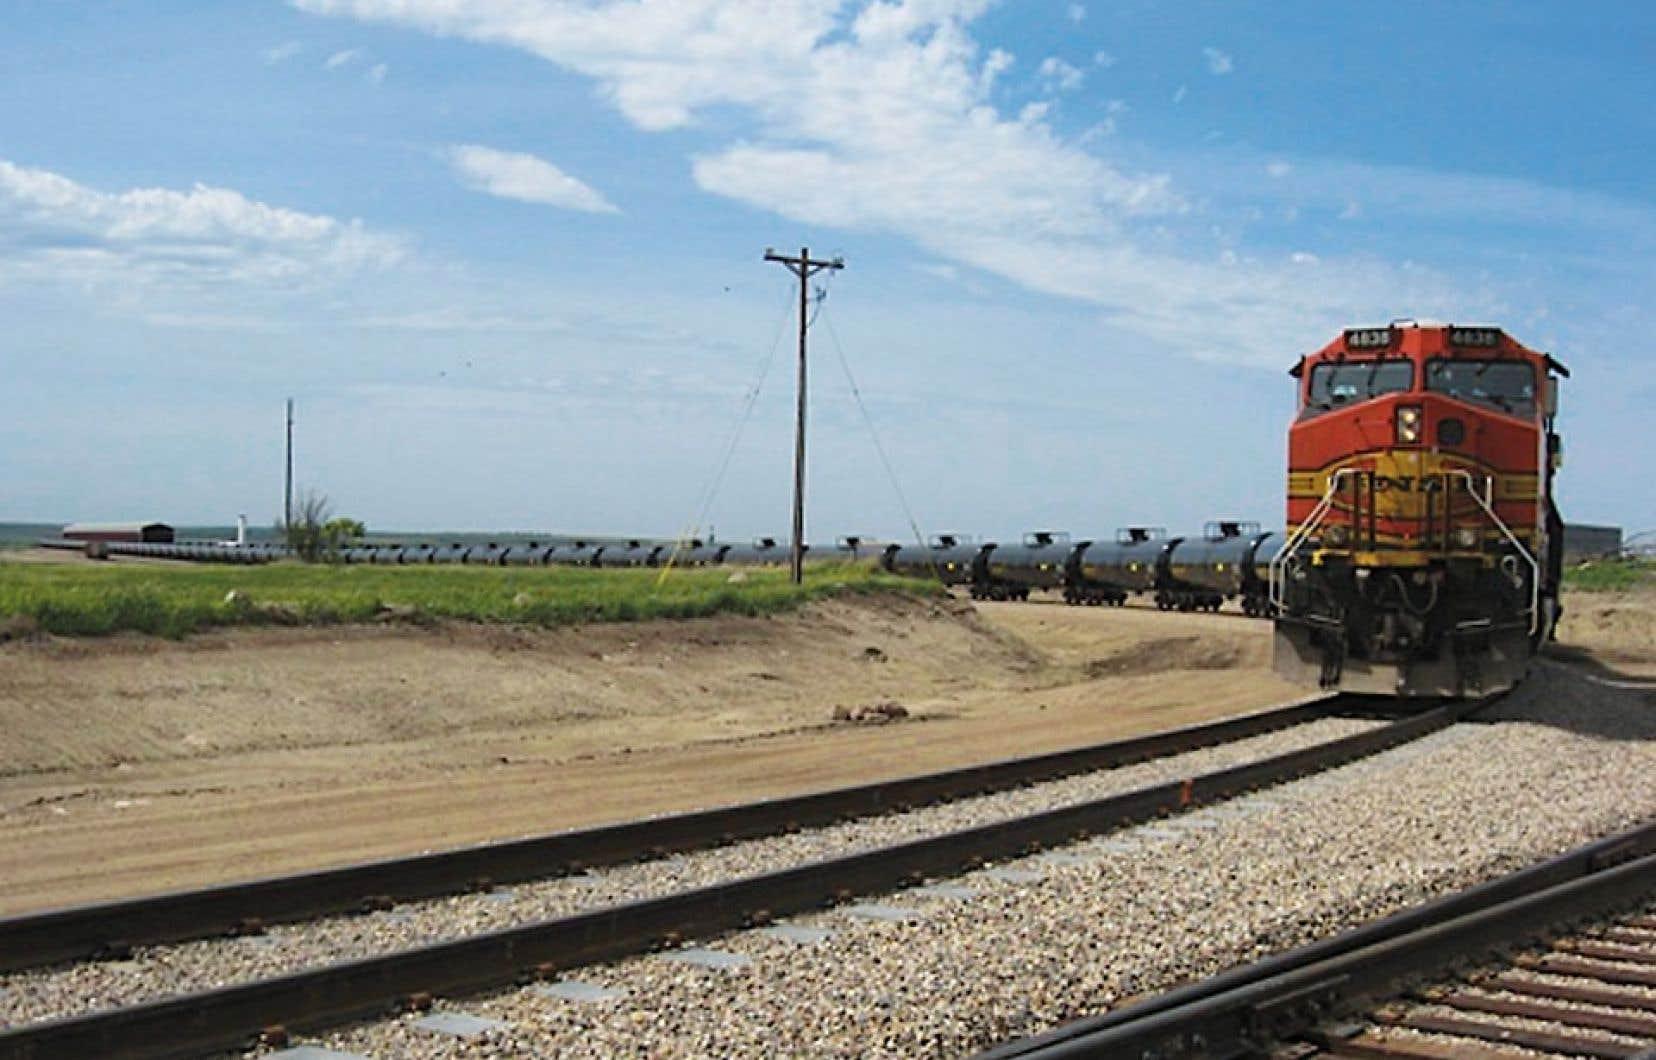 <div> Les compagnies ferroviaires anticipent un développement accéléré du transport de pétrole.</div>